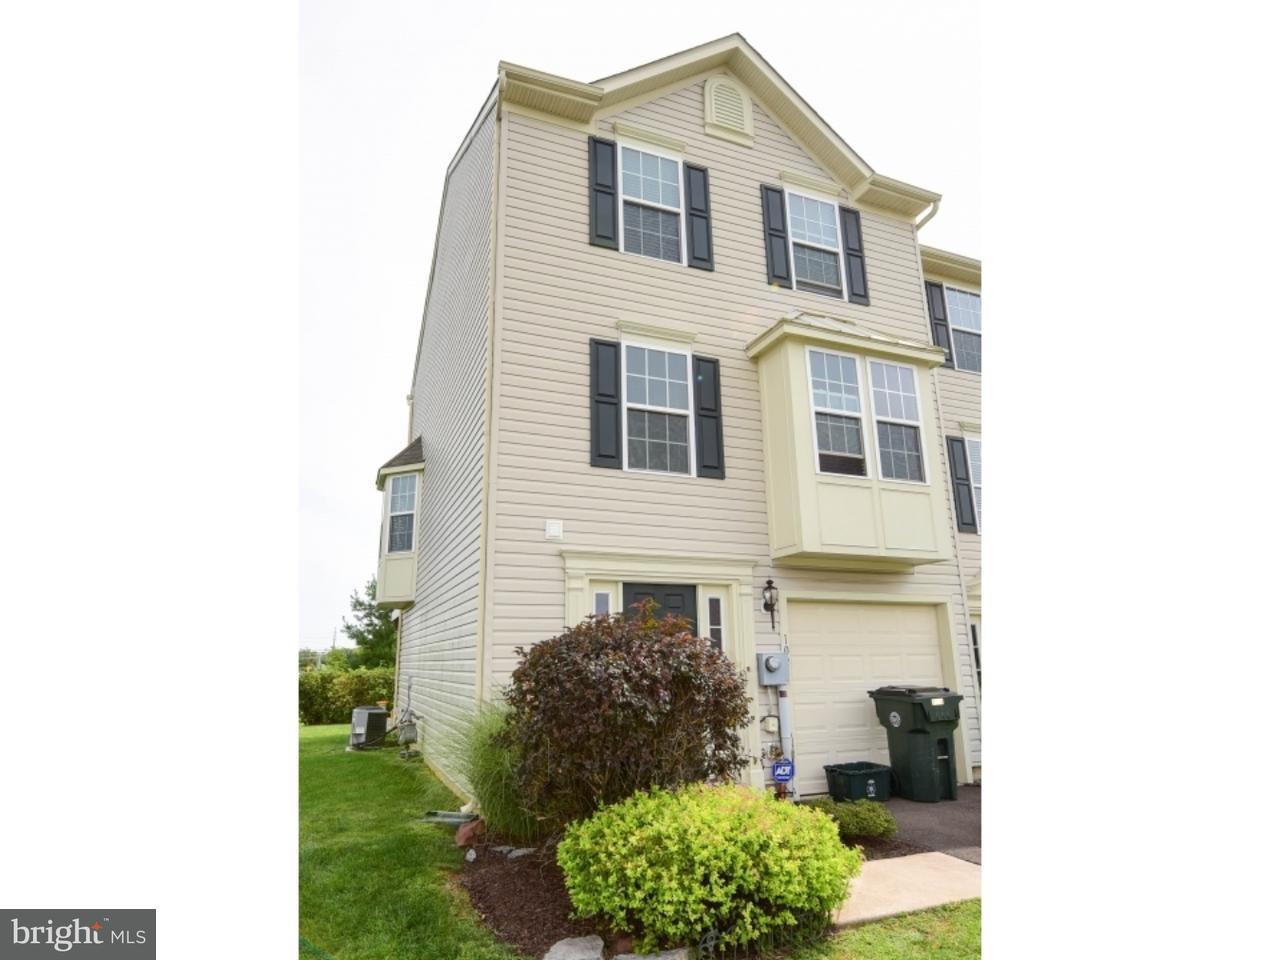 联栋屋 为 销售 在 1024 SPARROW WAY Breinigsville, 宾夕法尼亚州 18031 美国